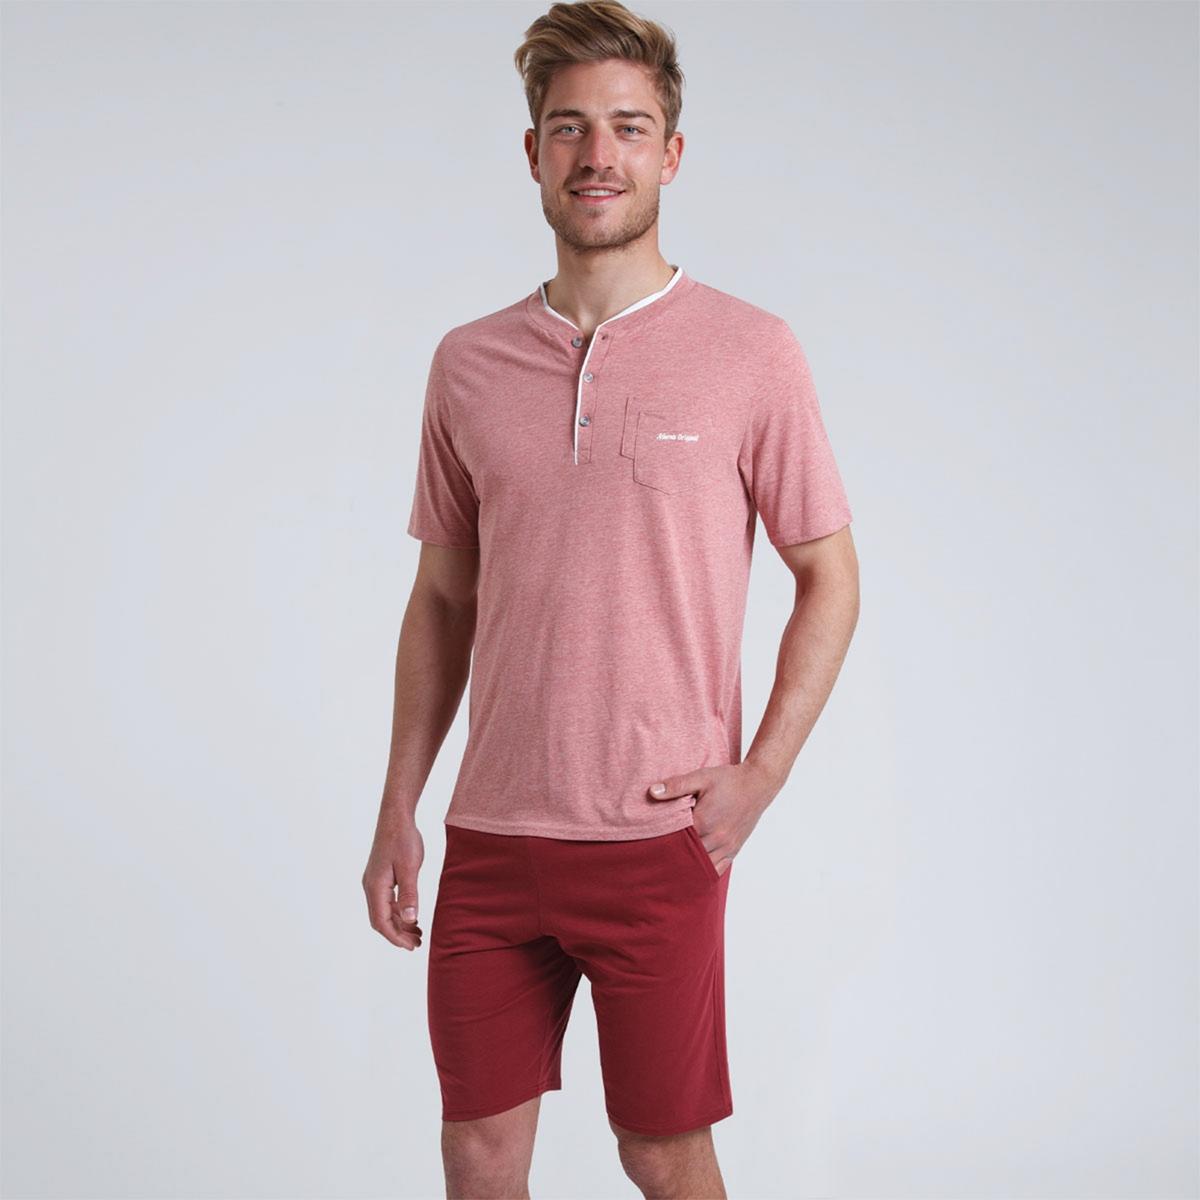 цена Пижама La Redoute С шортами с круглым вырезом с разрезом спереди Chin XL красный онлайн в 2017 году